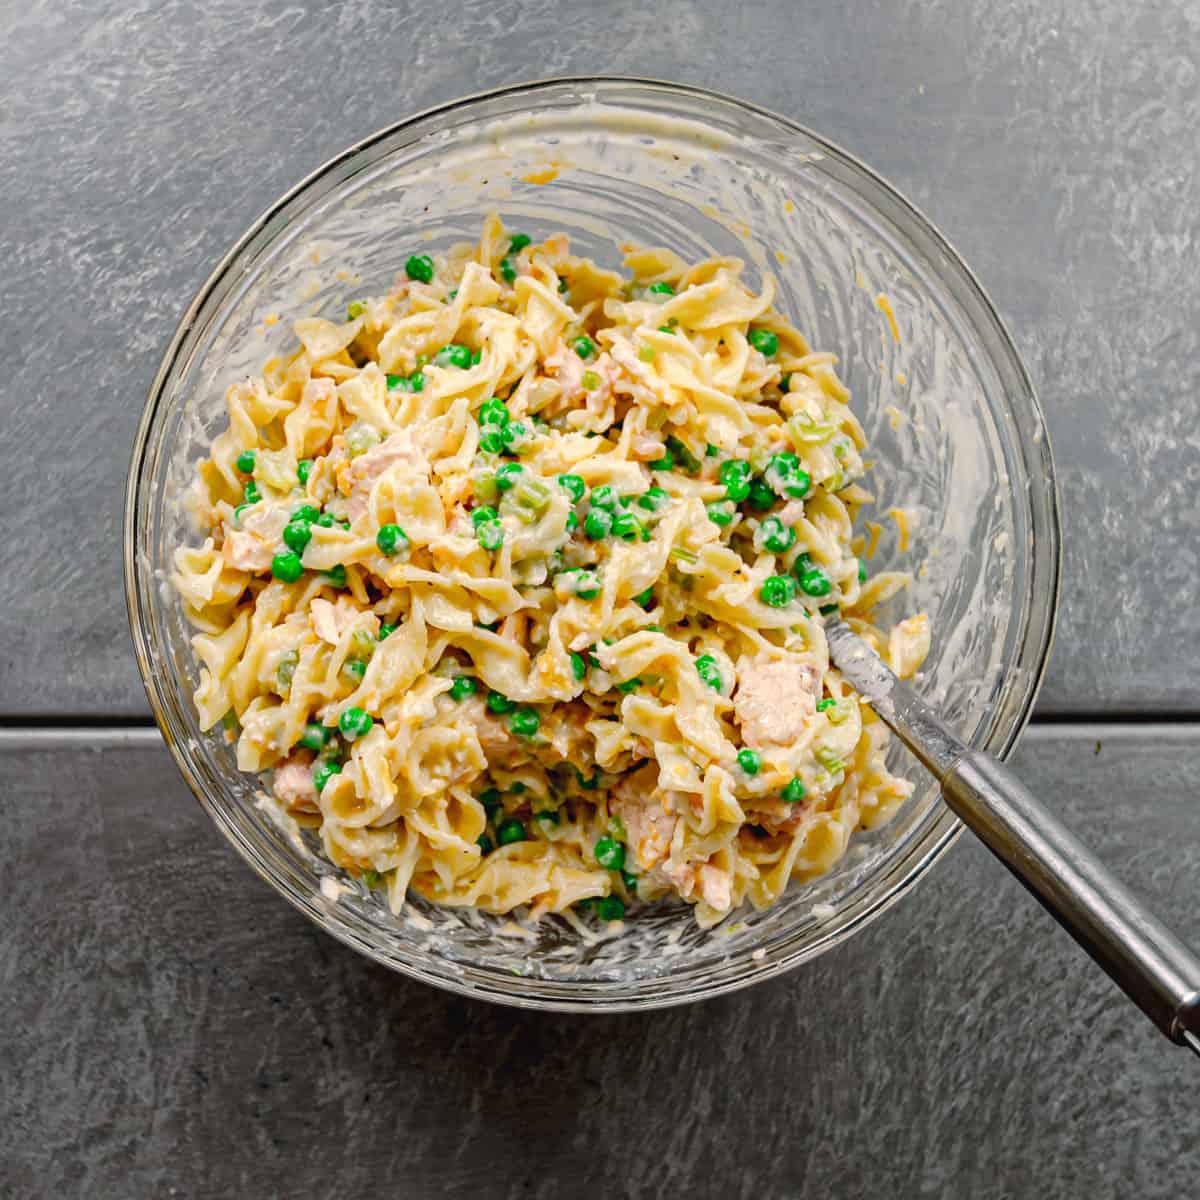 noodles casserole